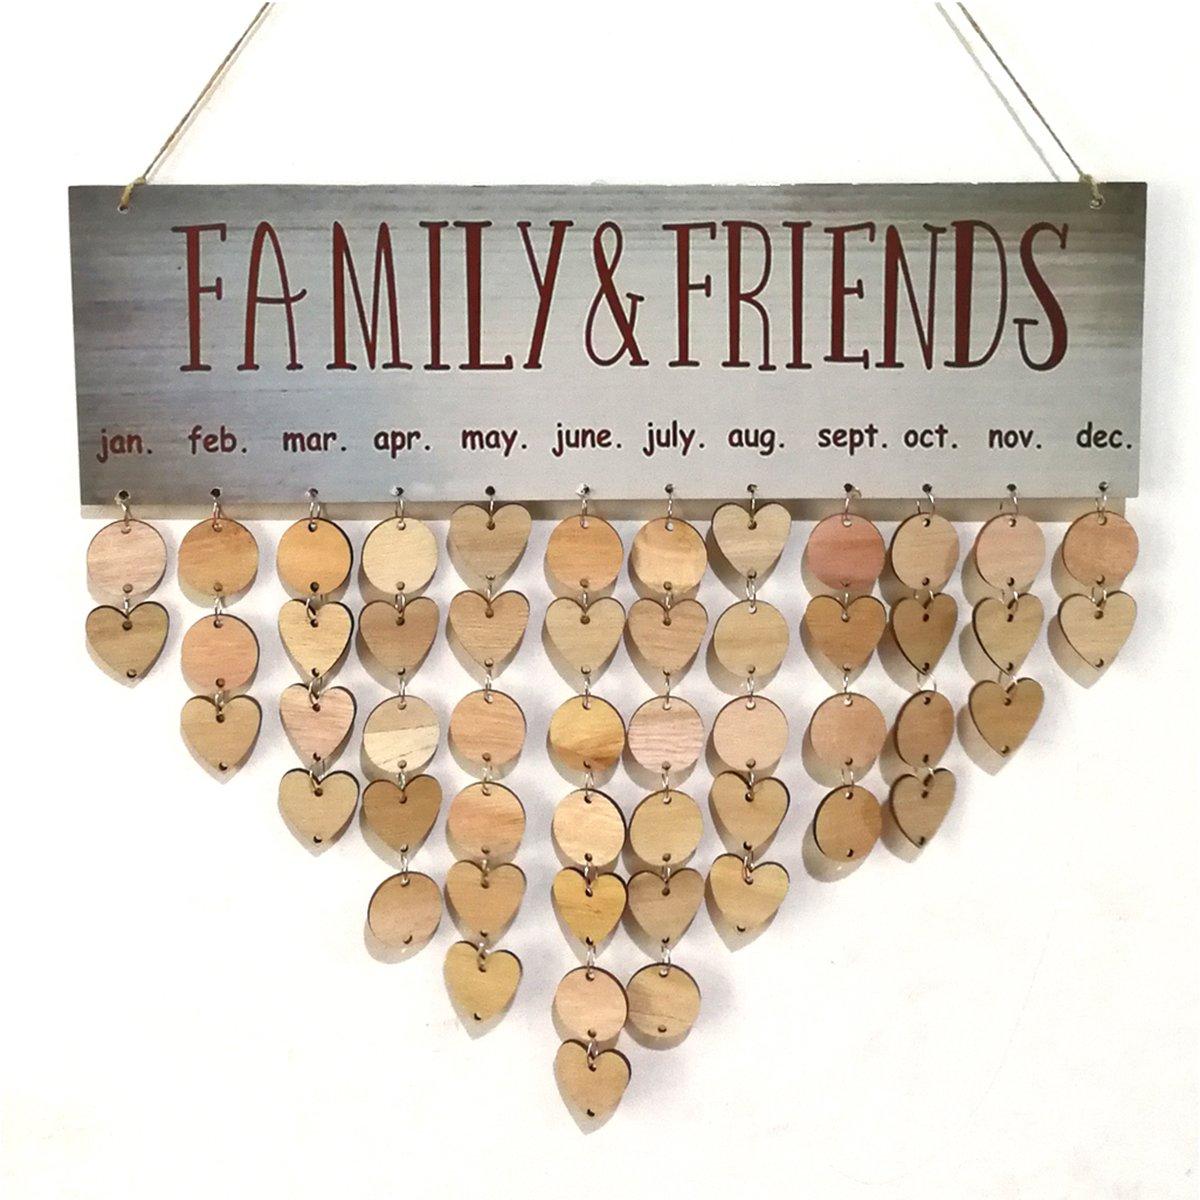 1/targhetta 25/dischi di legno rotonda 25/legno cuore 50/nastri di ferro ultnice compleanno Calendario Calendario Da Parete In Legno Calendario Perpetuo